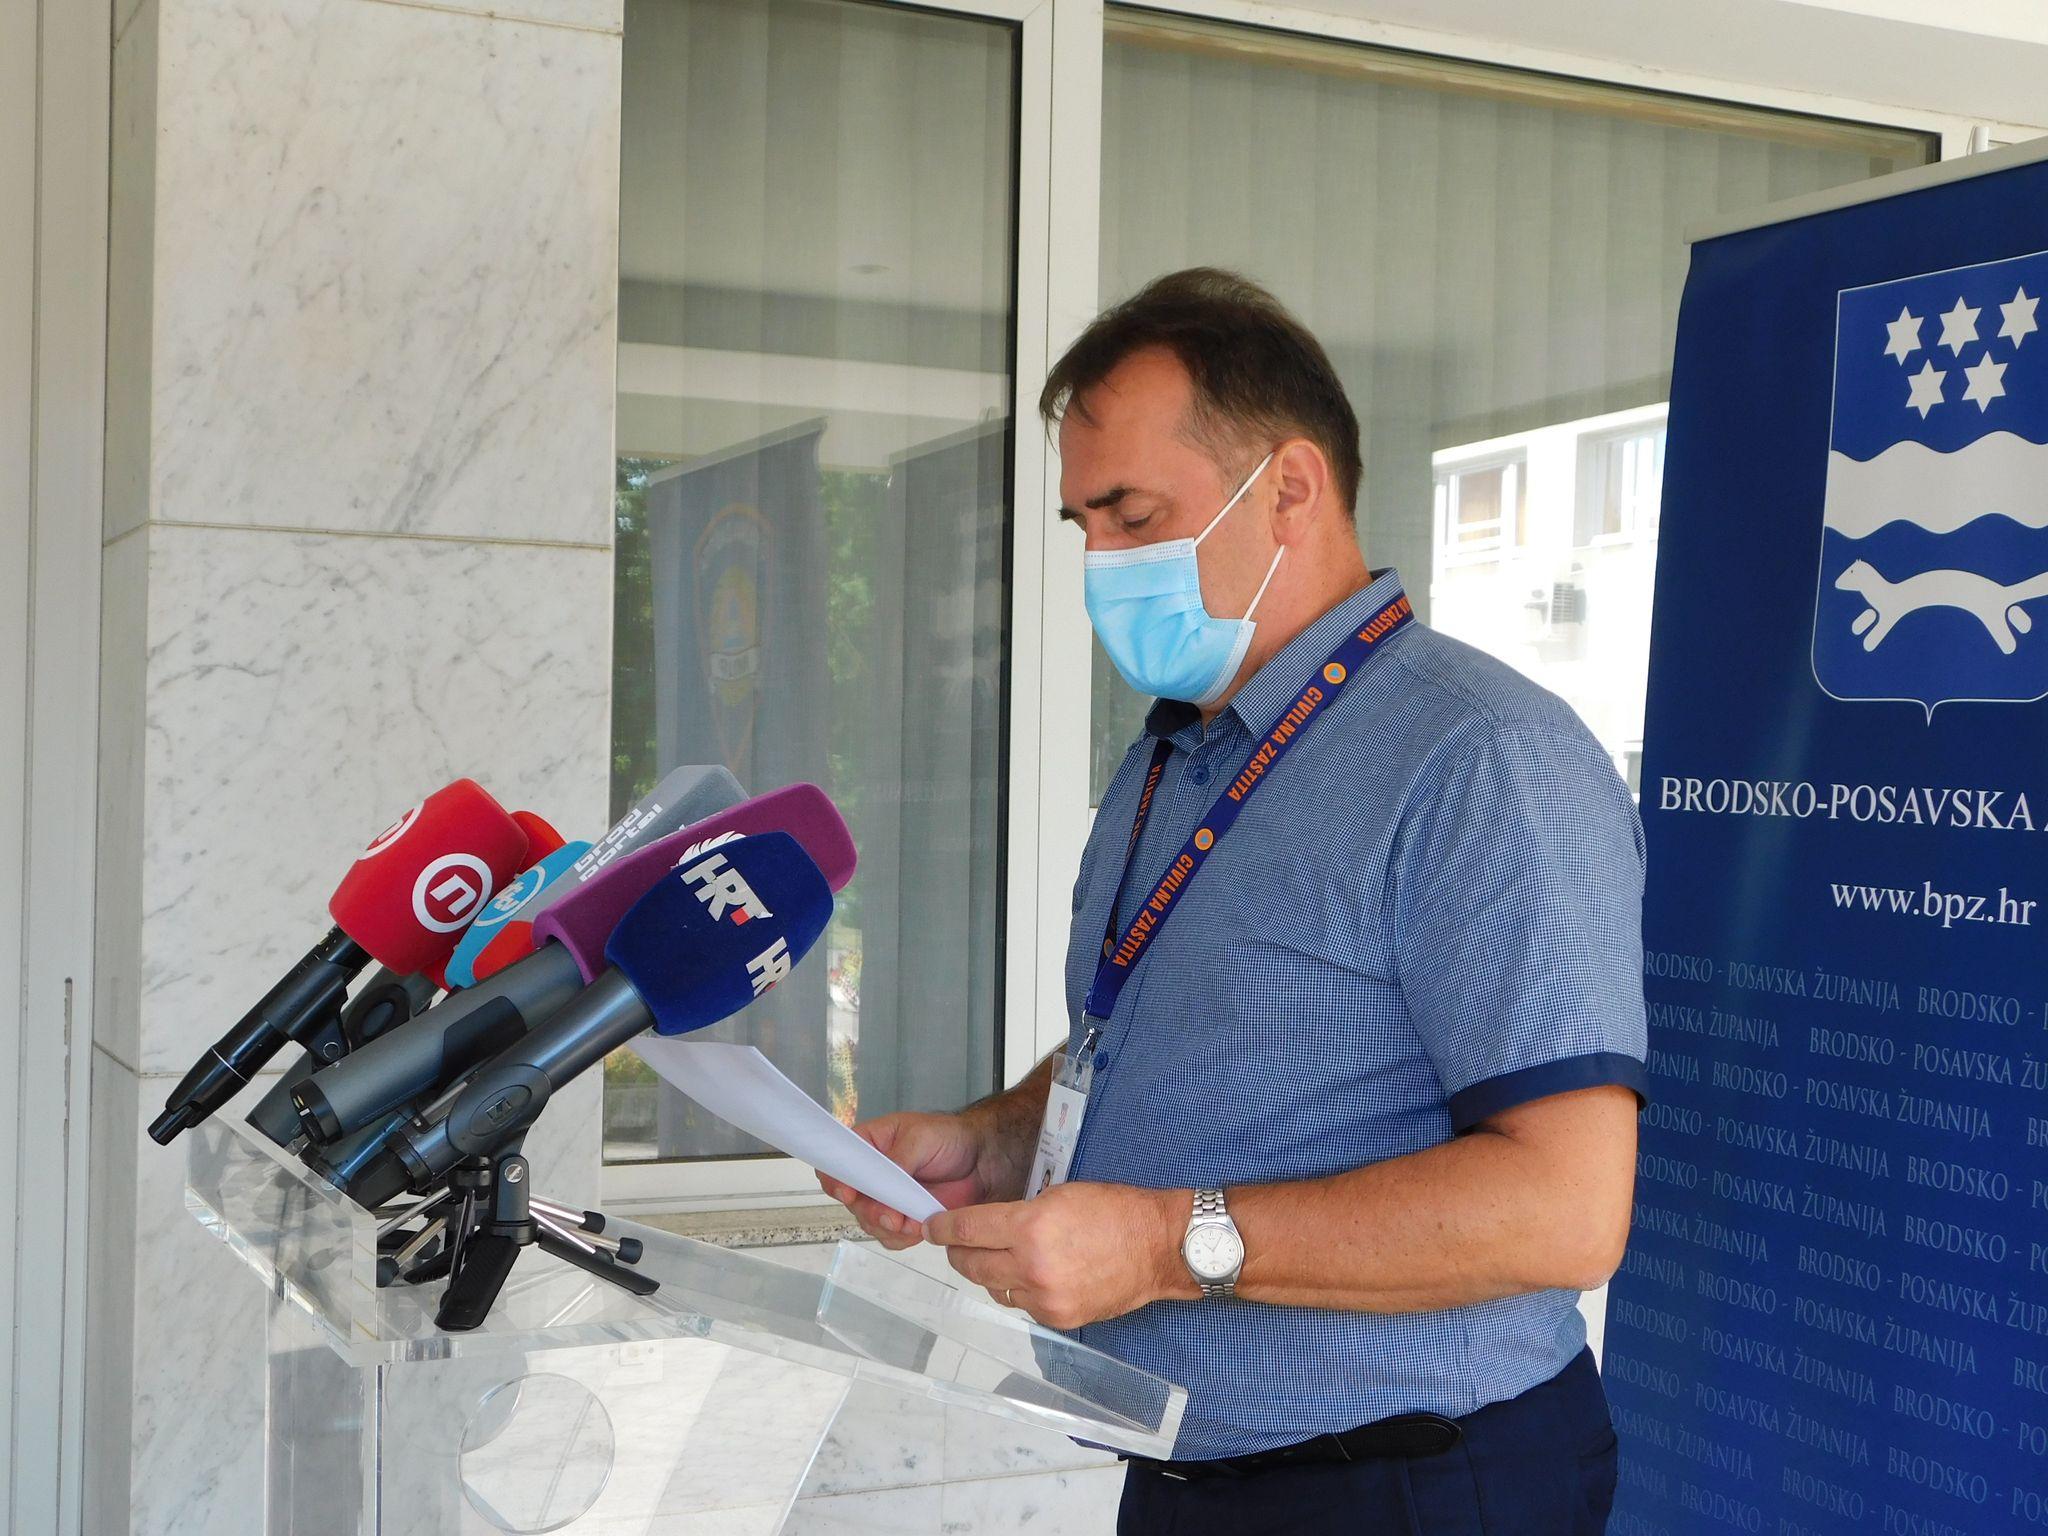 U Brodsko-posavskoj županiji danas 1 nova pozitivna osoba na koronavirus